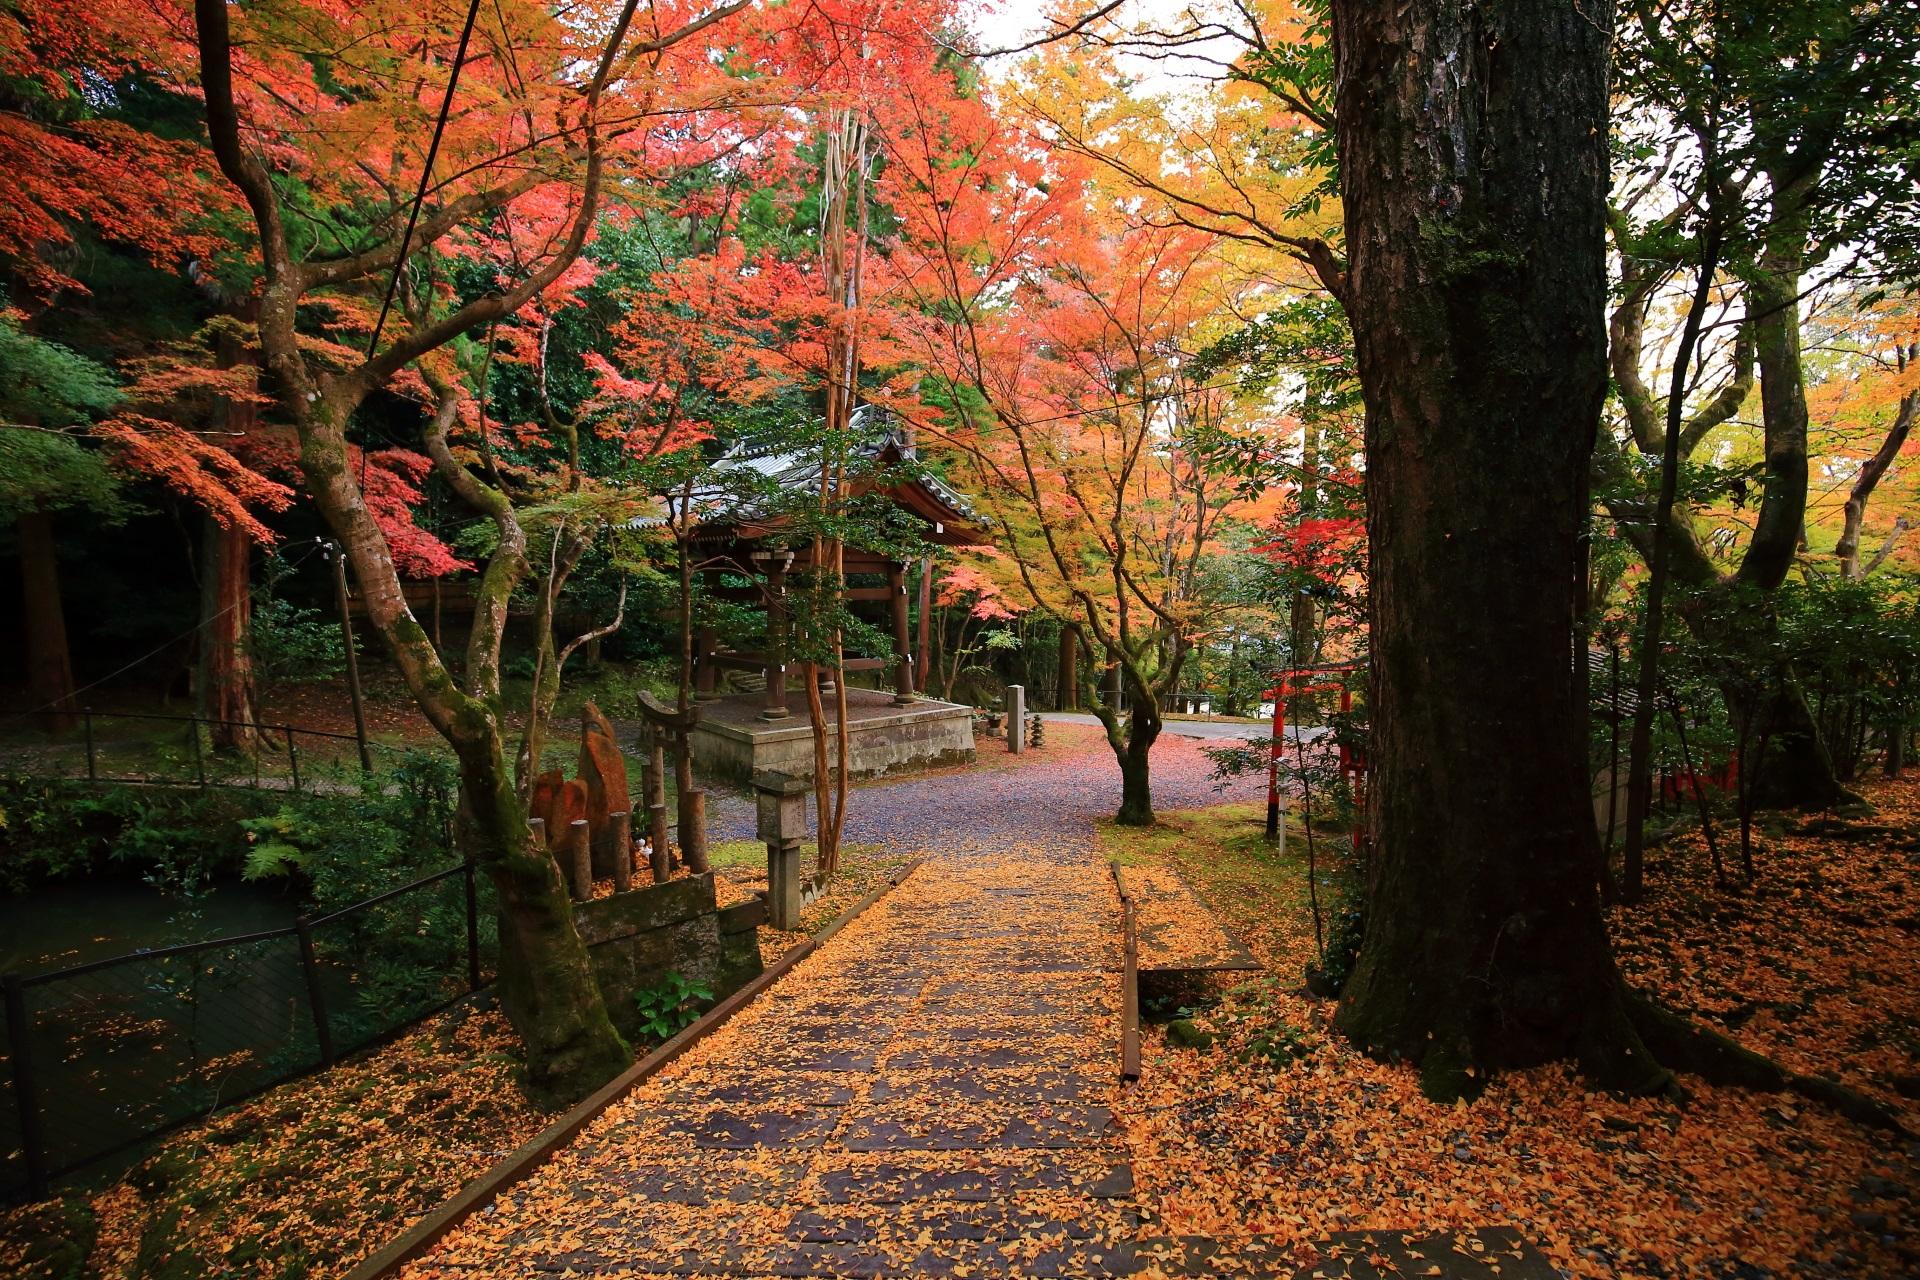 鮮やかな秋色につつまれた鐘楼と散り銀杏